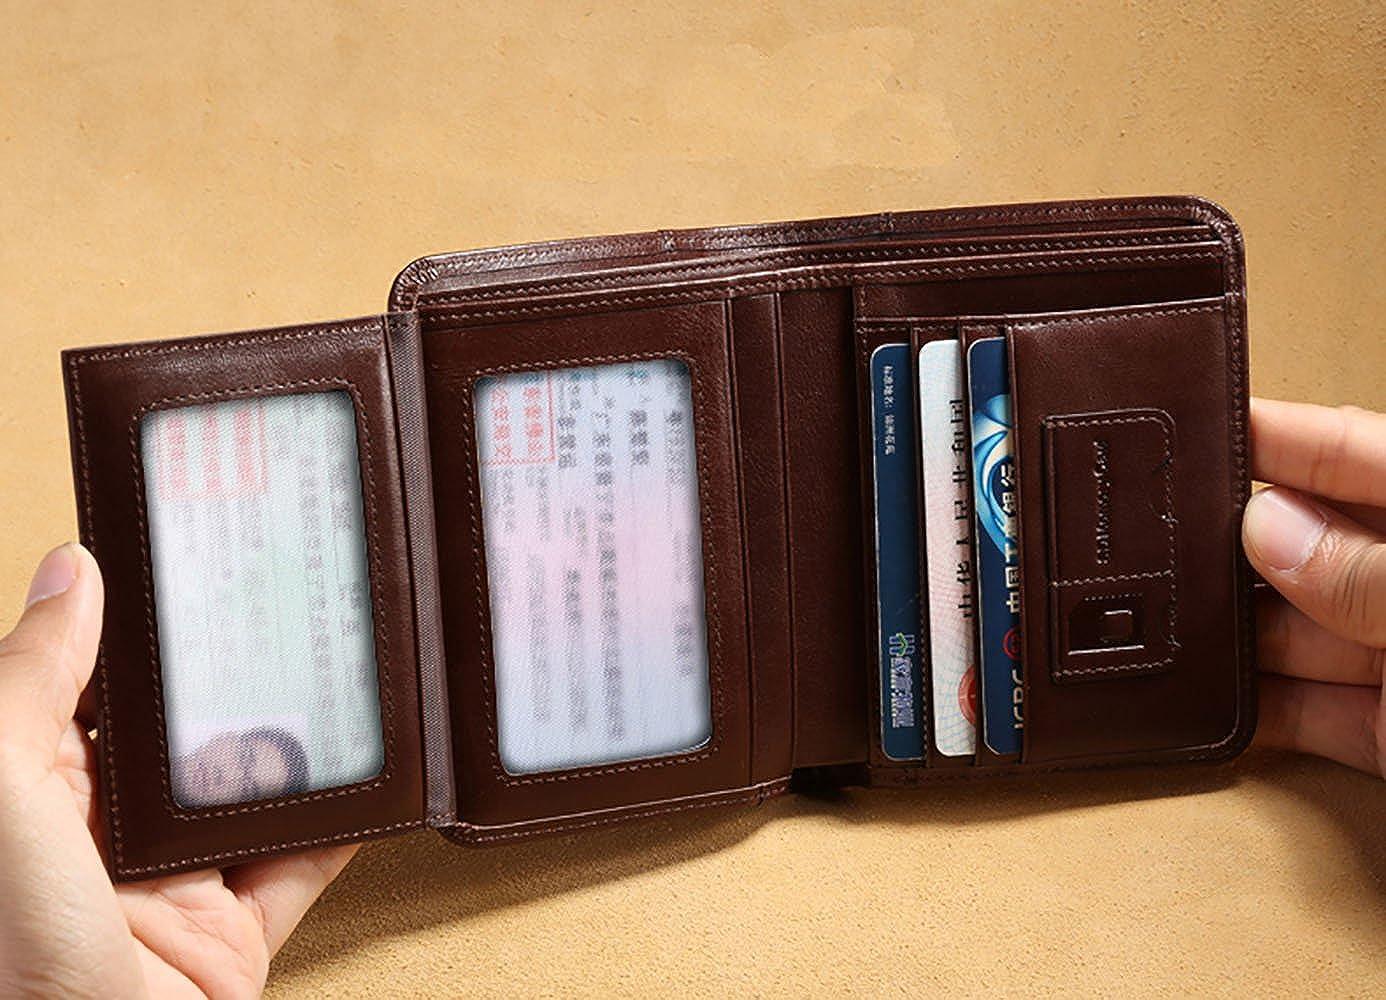 MANBANG Billetera italiana de piel de vaca con capacidad extra para hombre